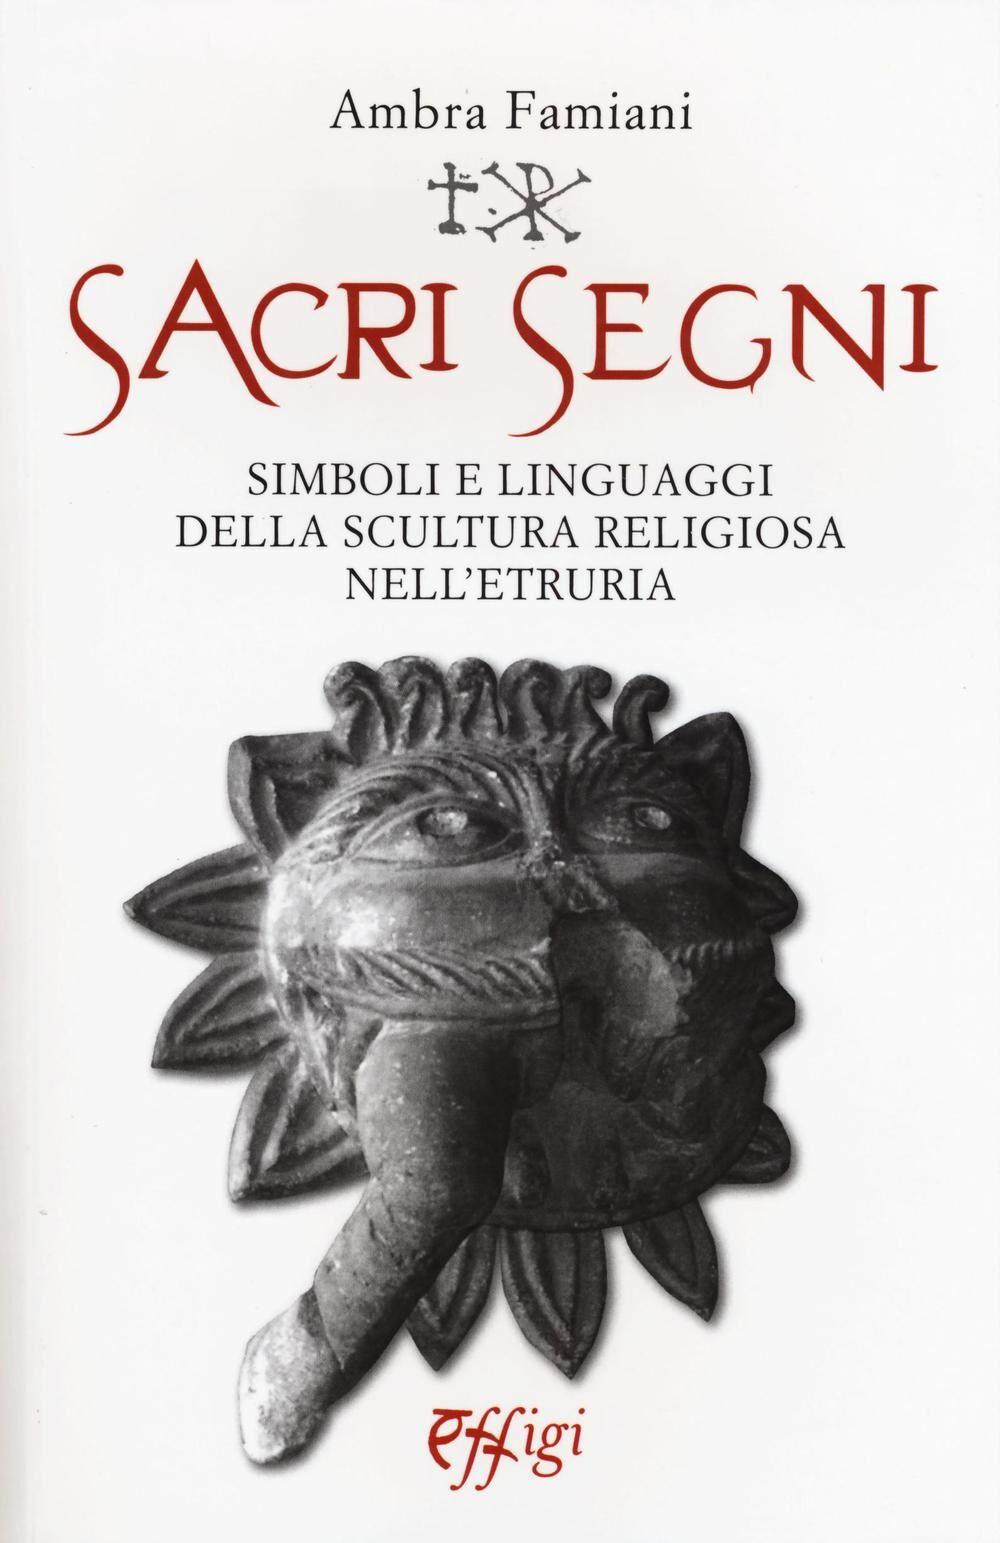 Sacri segni. Simboli e linguaggi della scultura religiosa nell'Etruria